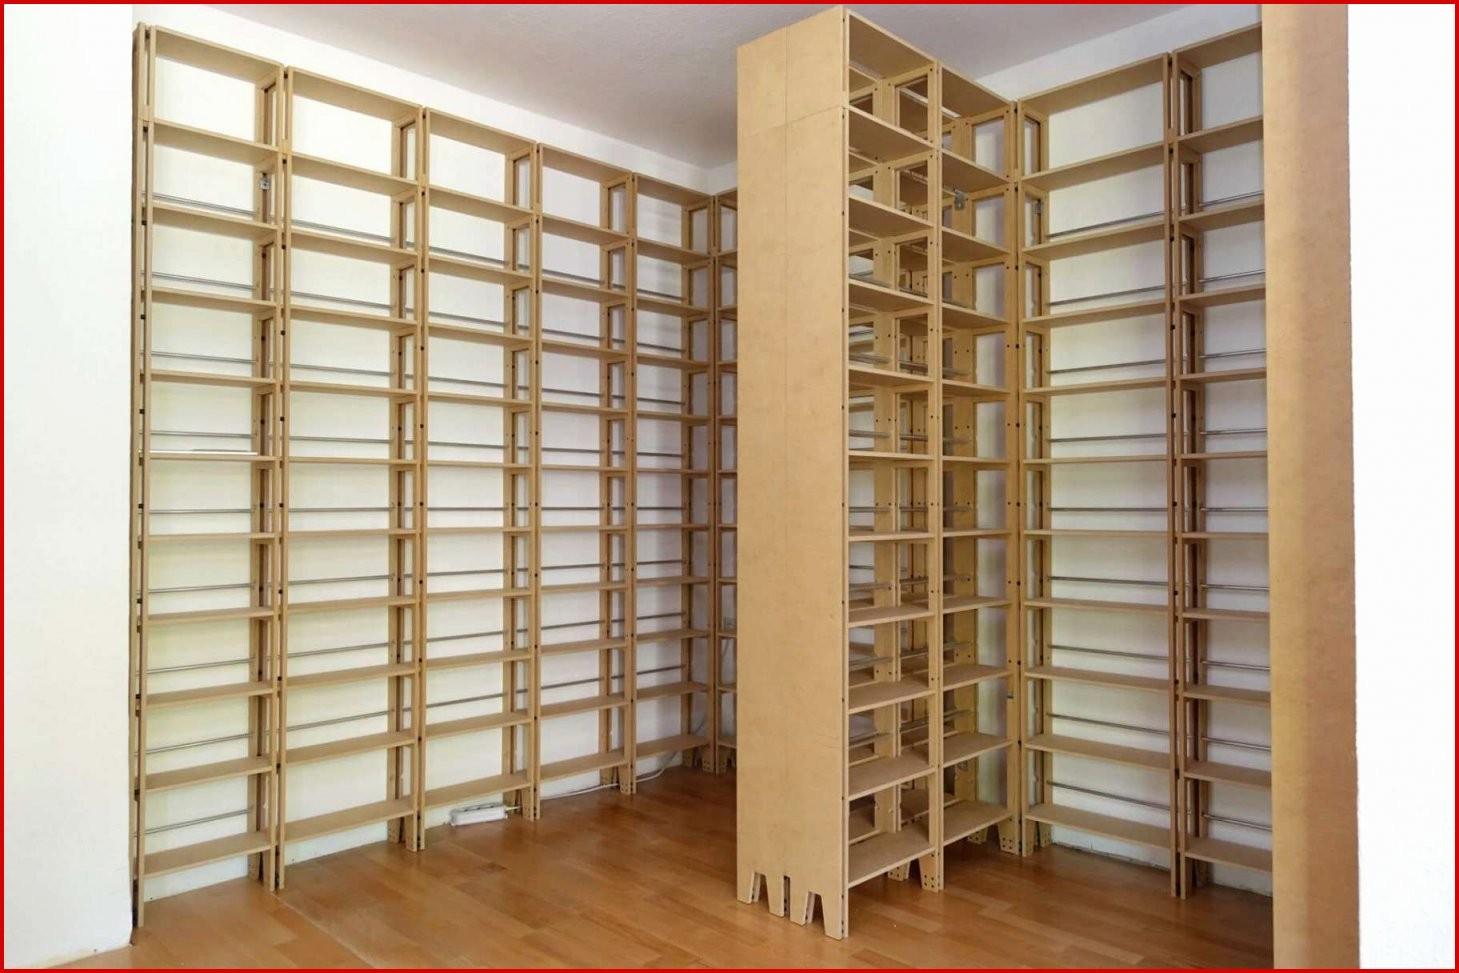 Multiflex Schrank Stufenregal Selber Bauen Elegant Cd Regal Selber von Cd Regal Selber Bauen Bild